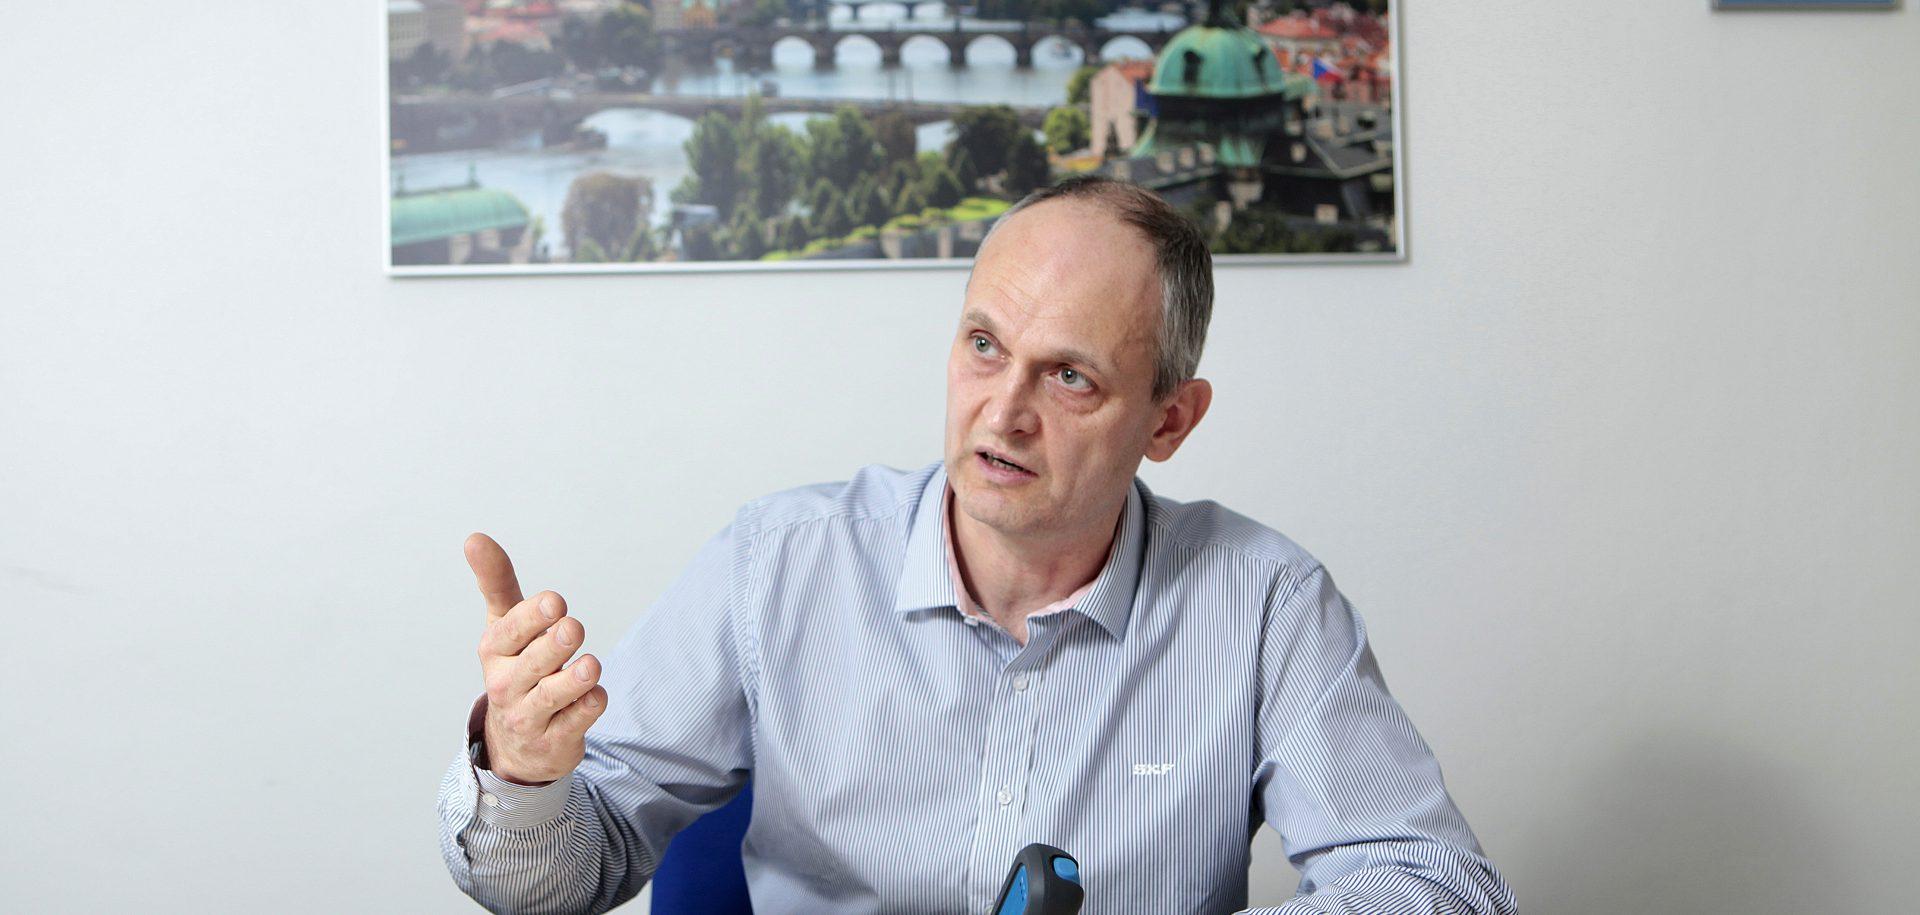 David Poláček, obchodní ředitel SKF CZ, Komerční přílohy